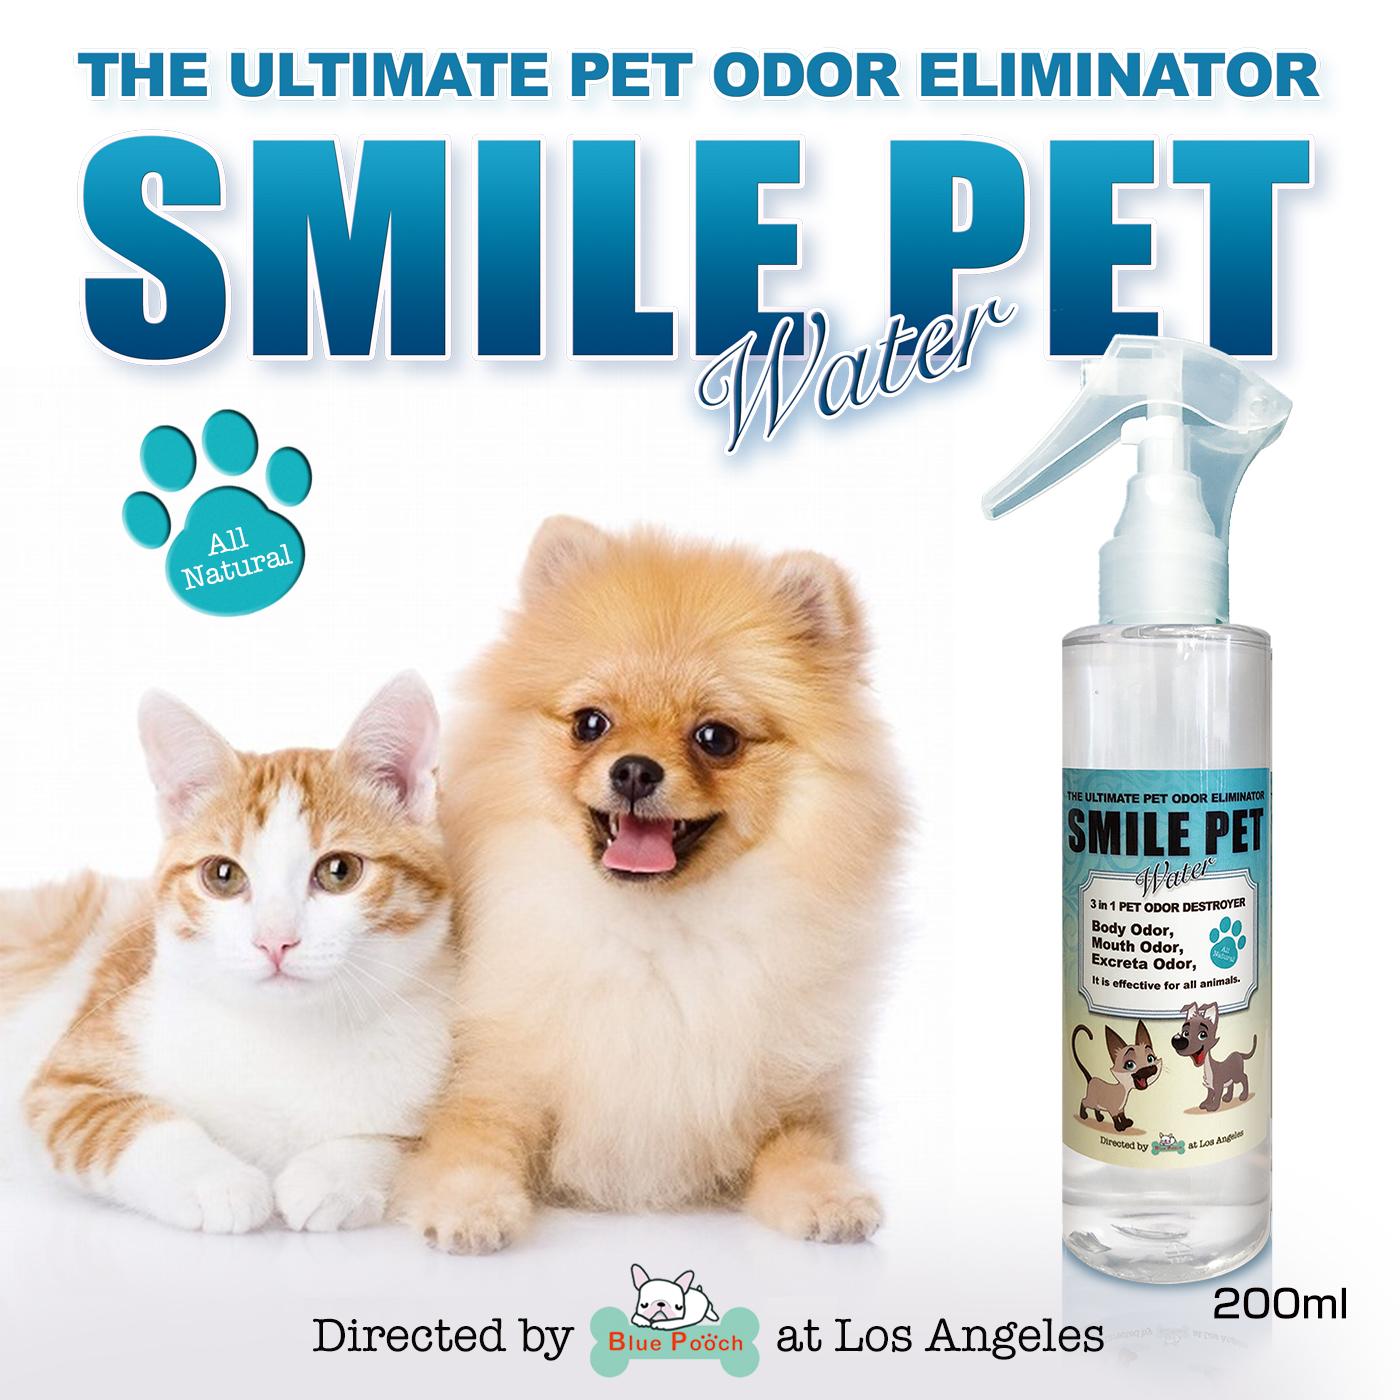 スマイルペットミスト200ml ペットの身体の中から消臭するミネラルイオン水 「口臭」「体臭」「便臭」など、ペットの嫌な臭いに!